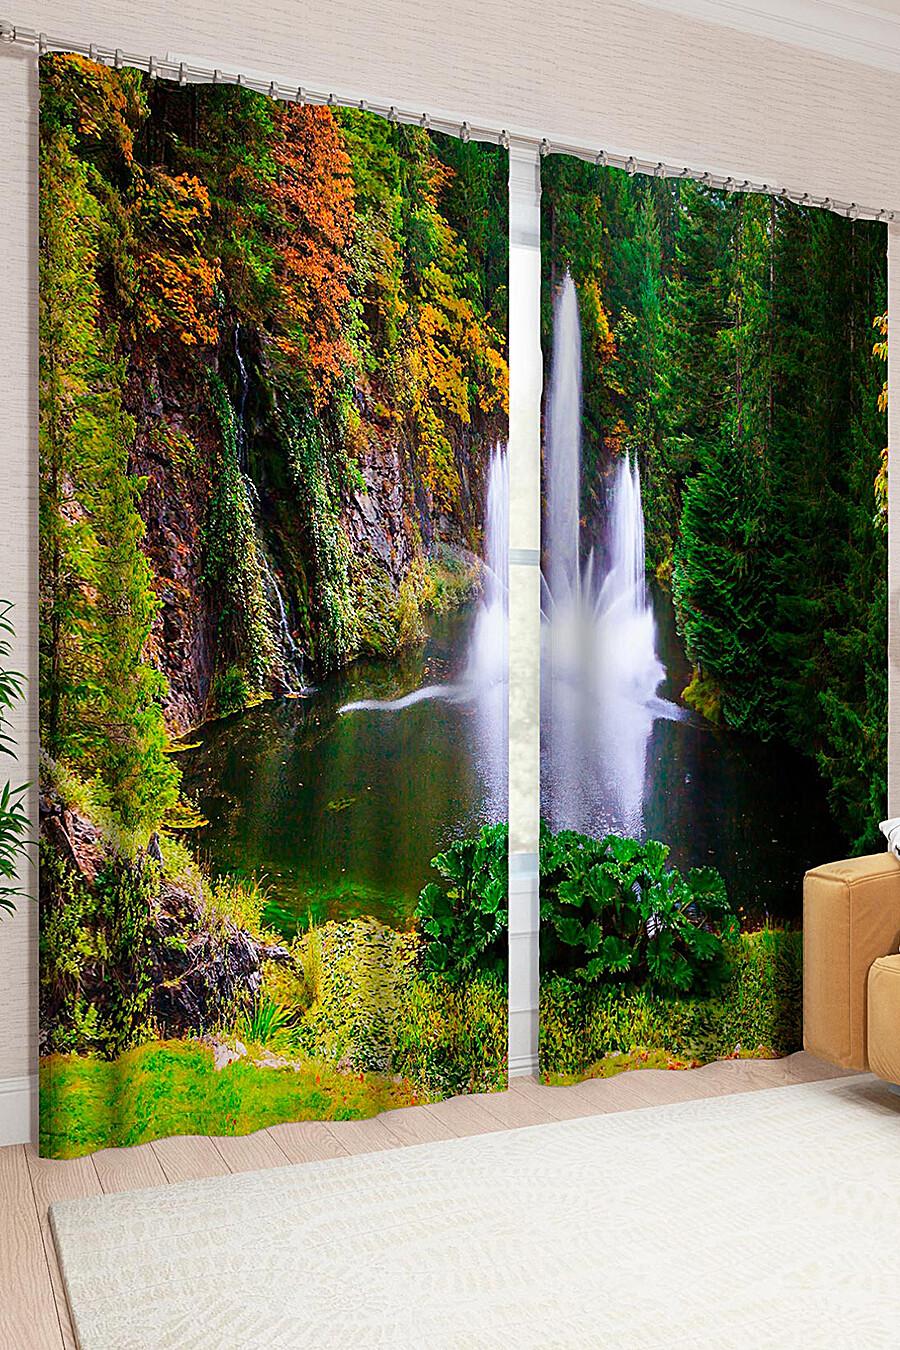 Фотошторы для дома ART HOME TEXTILE 123508 купить оптом от производителя. Совместная покупка товаров для дома в OptMoyo